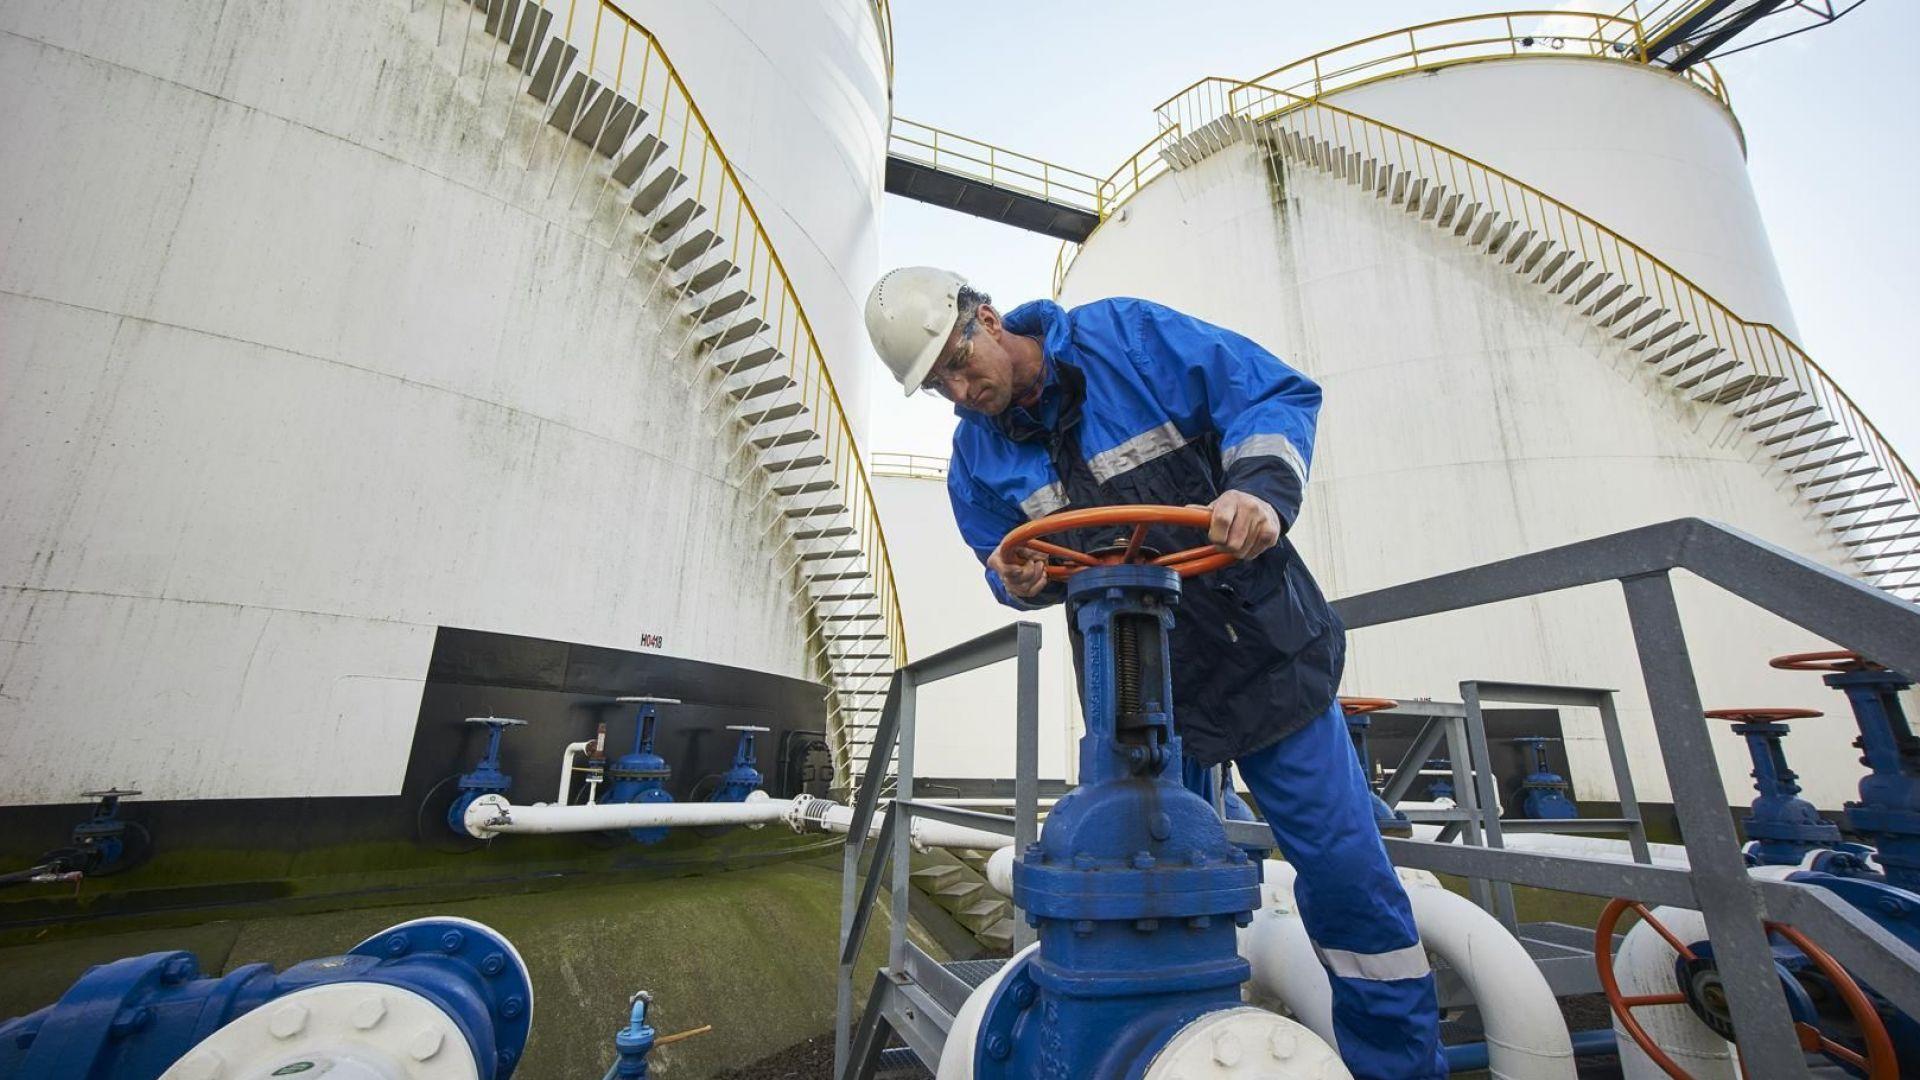 Турция е на път да стане газов хъб за Европа. Дали това е добро решение?